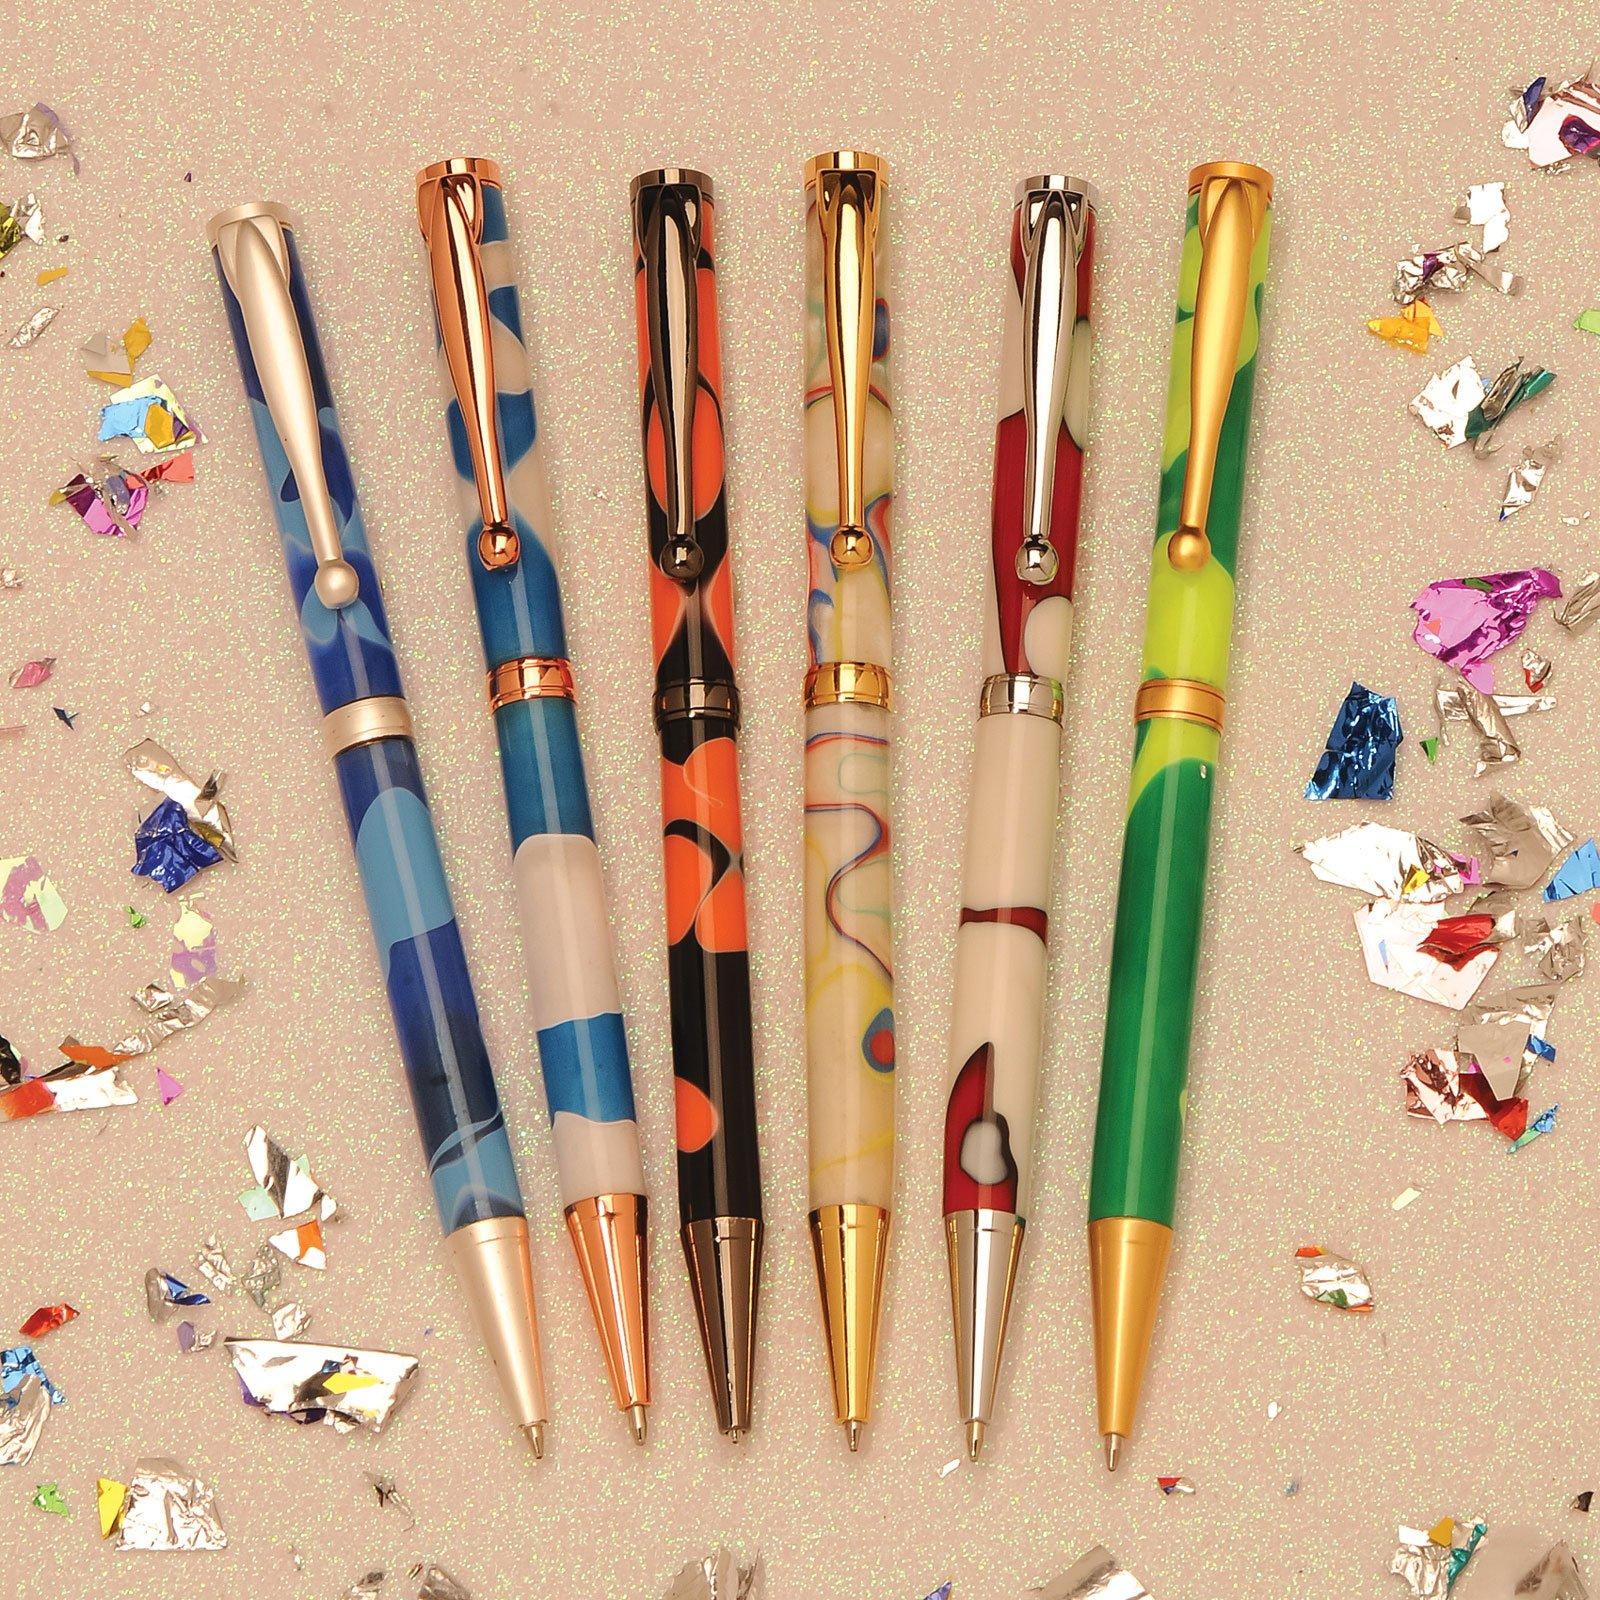 Funline Slimline 30 Pen Kit Variety Pack